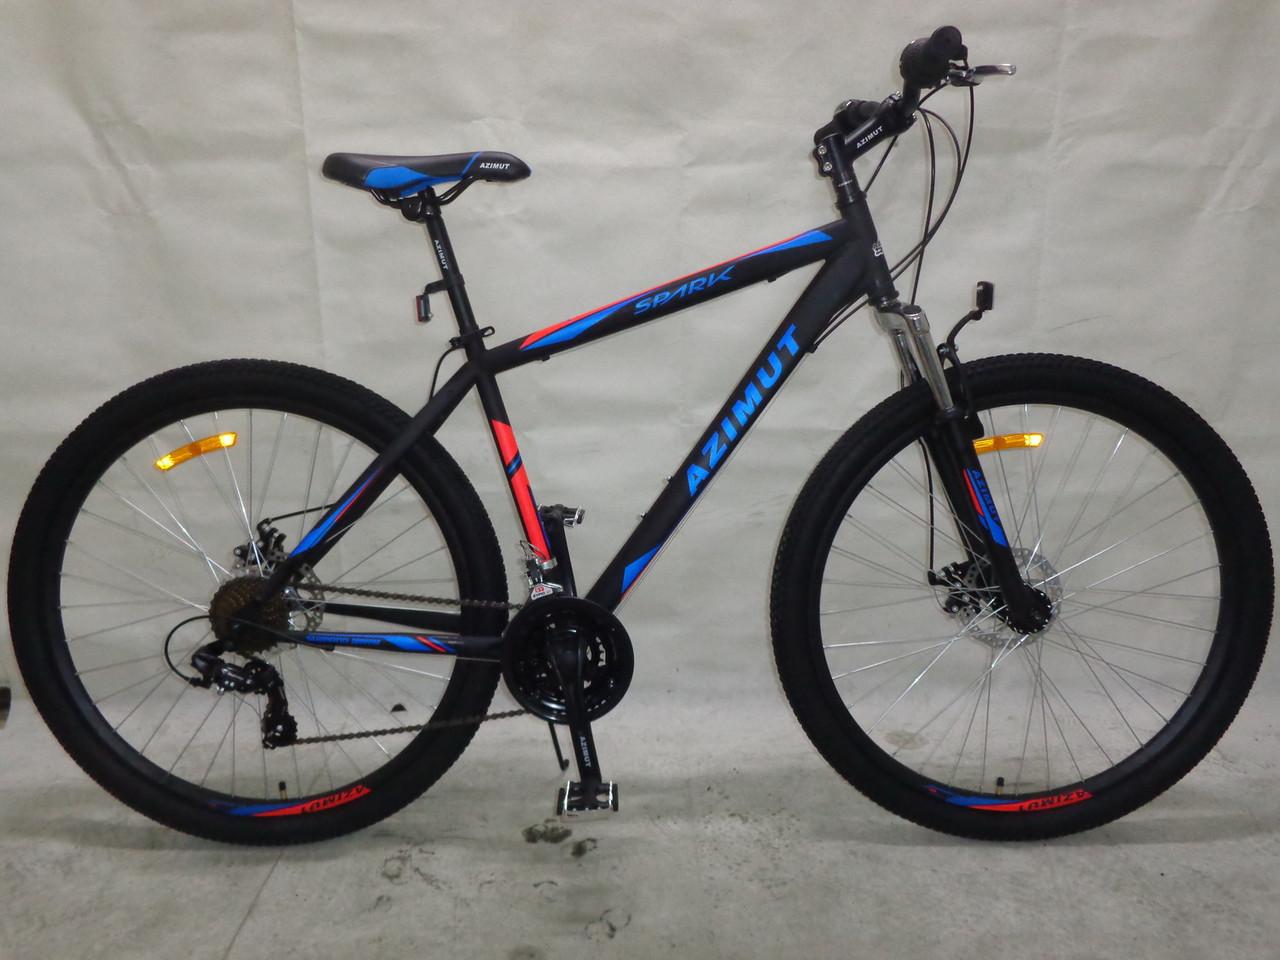 Горный спортивный велосипед 29 дюймов 19 рама Azimu Spark  (оборудован